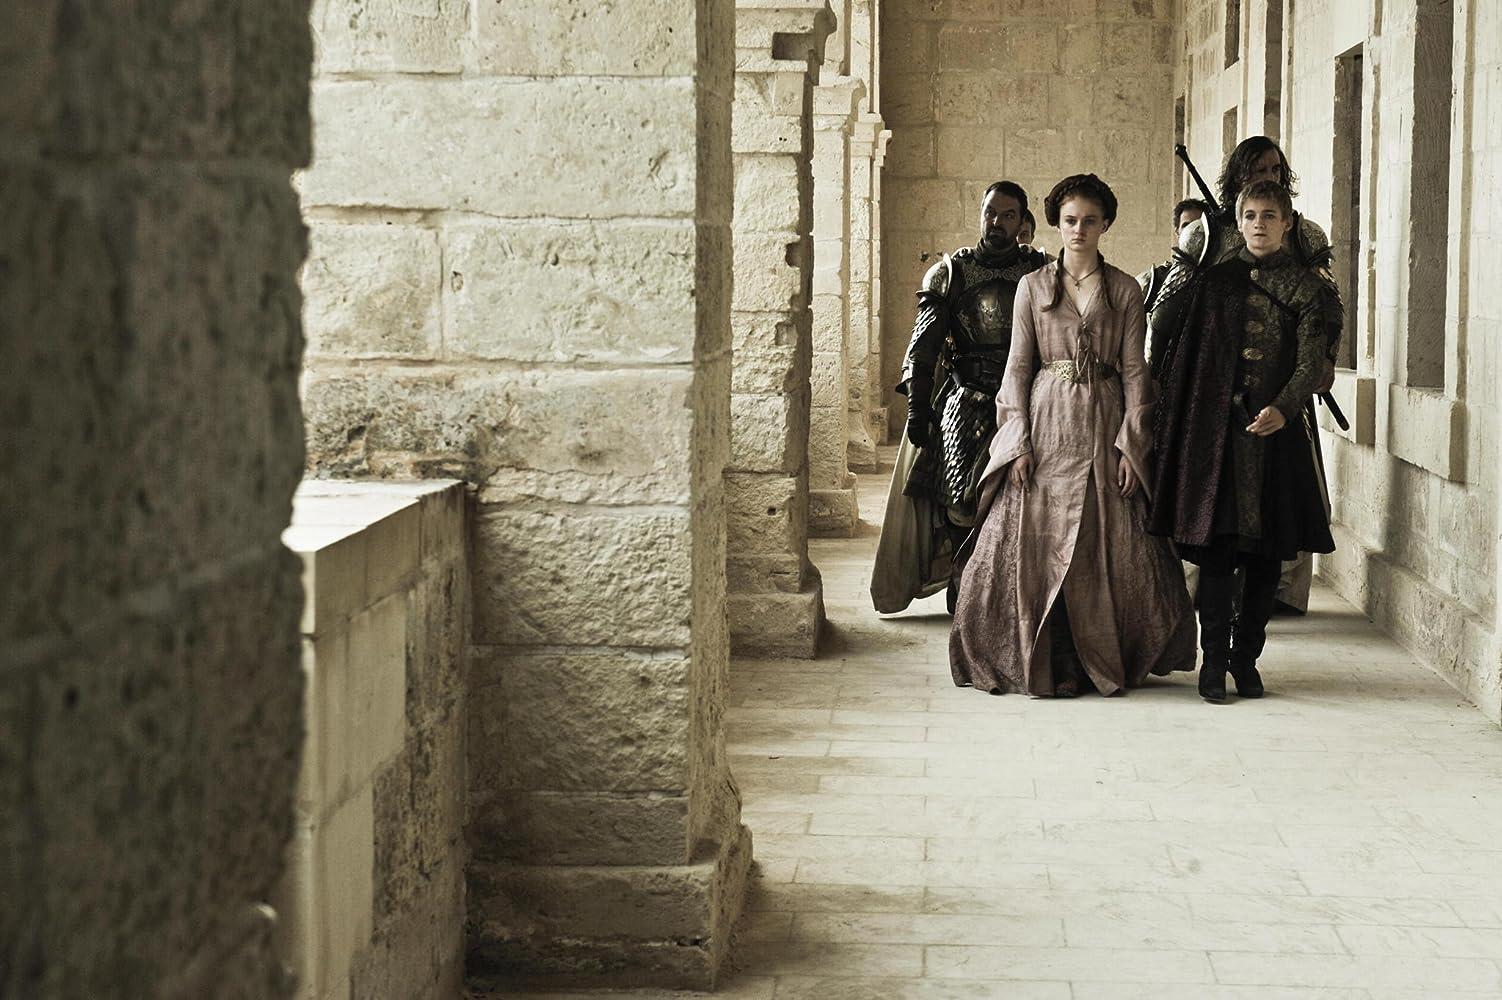 Ian Beattie, Jack Gleeson, Rory McCann, and Sophie Turner in Game of Thrones (2011)